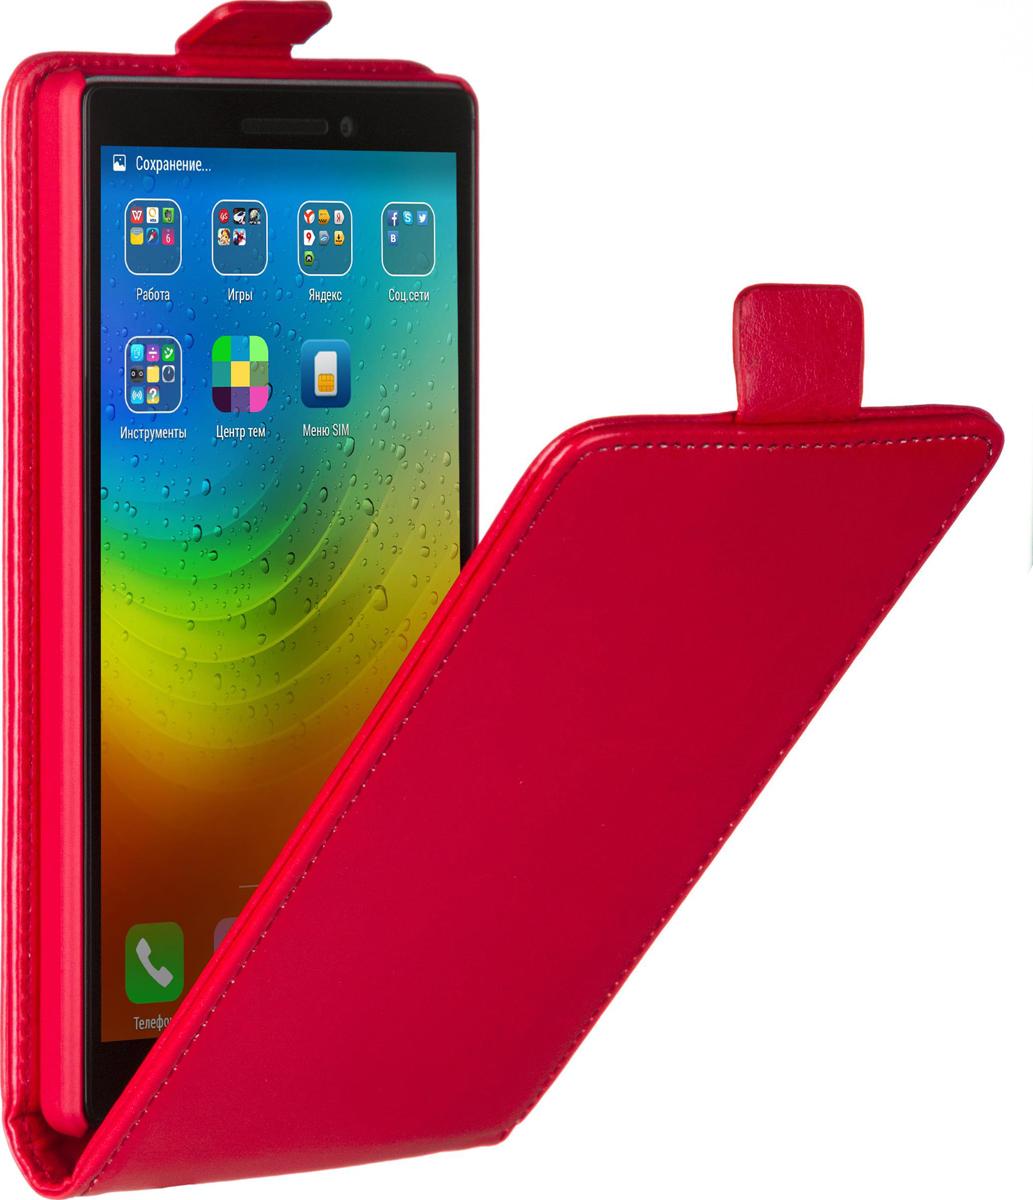 Skinbox Flip Case чехол для Lenovo Vibe X2, Red2000000062457Чехол Skinbox Flip Case для Lenovo Vibe X2 выполнен из высококачественного поликарбоната и экокожи. Он обеспечивает надежную защиту корпуса и экрана смартфона и надолго сохраняет его привлекательный внешний вид. Чехол также обеспечивает свободный доступ ко всем разъемам и клавишам устройства.